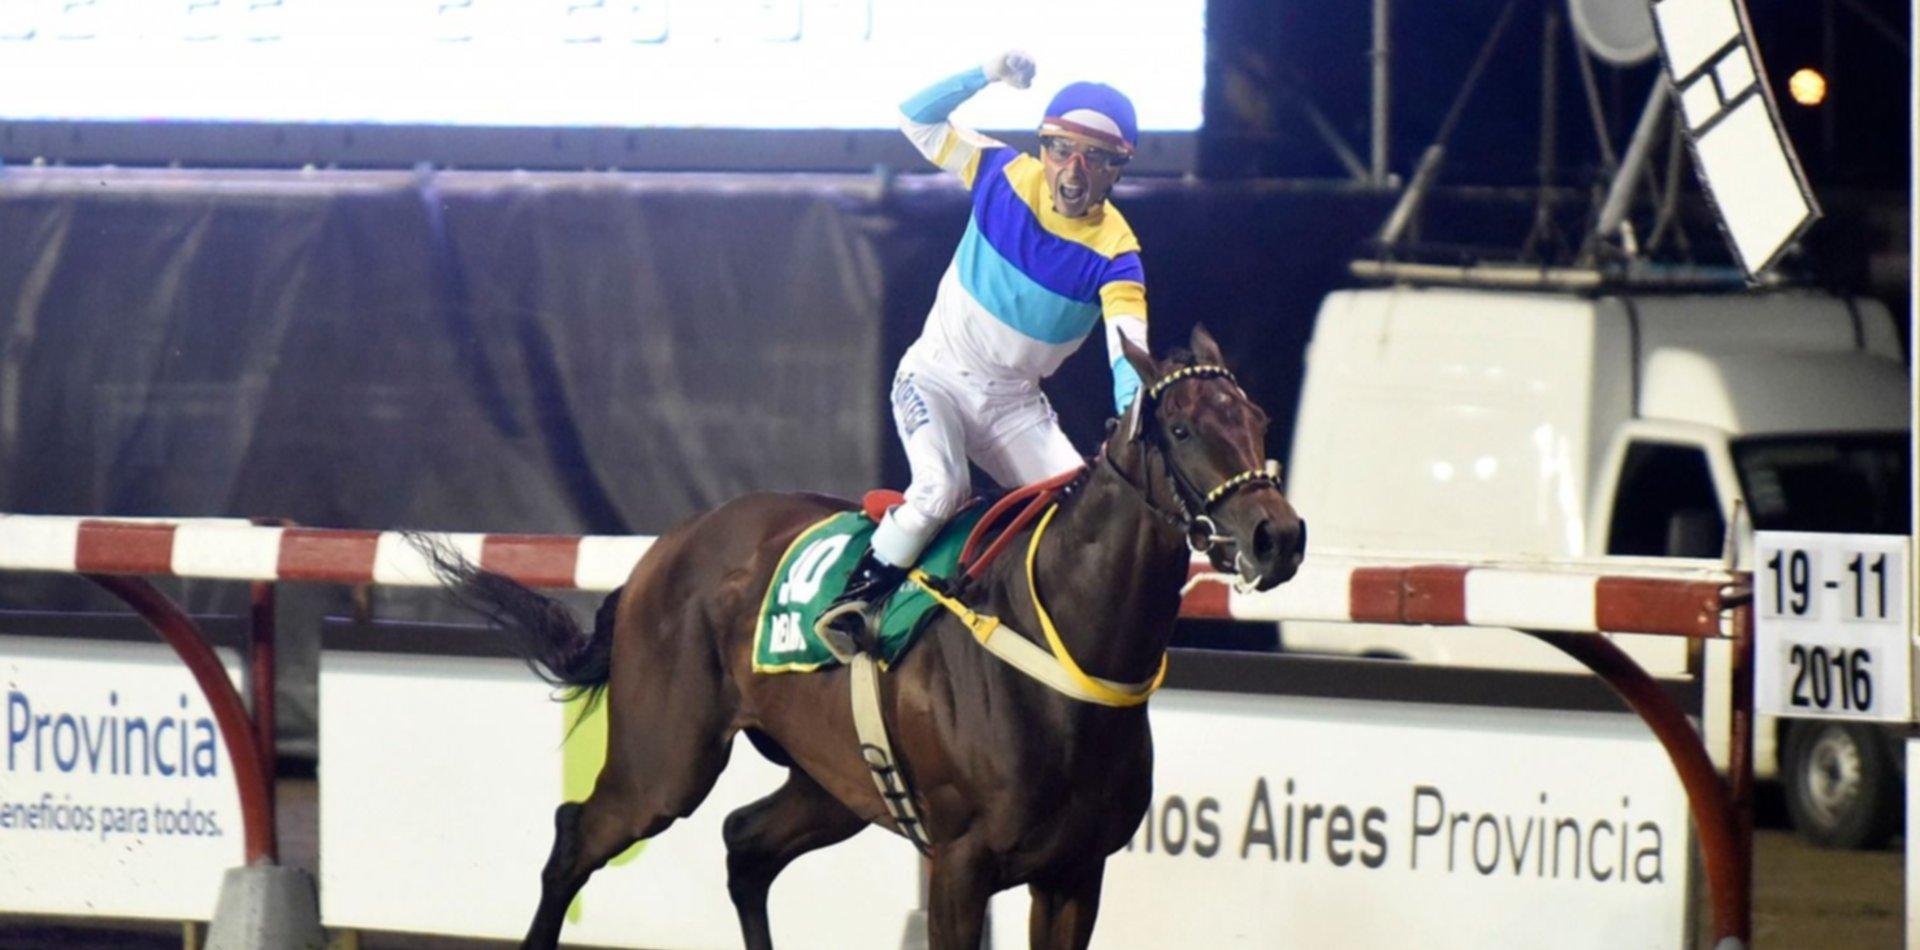 Habilitan las carreras de caballos en La Plata desde el 1° de octubre y sin público